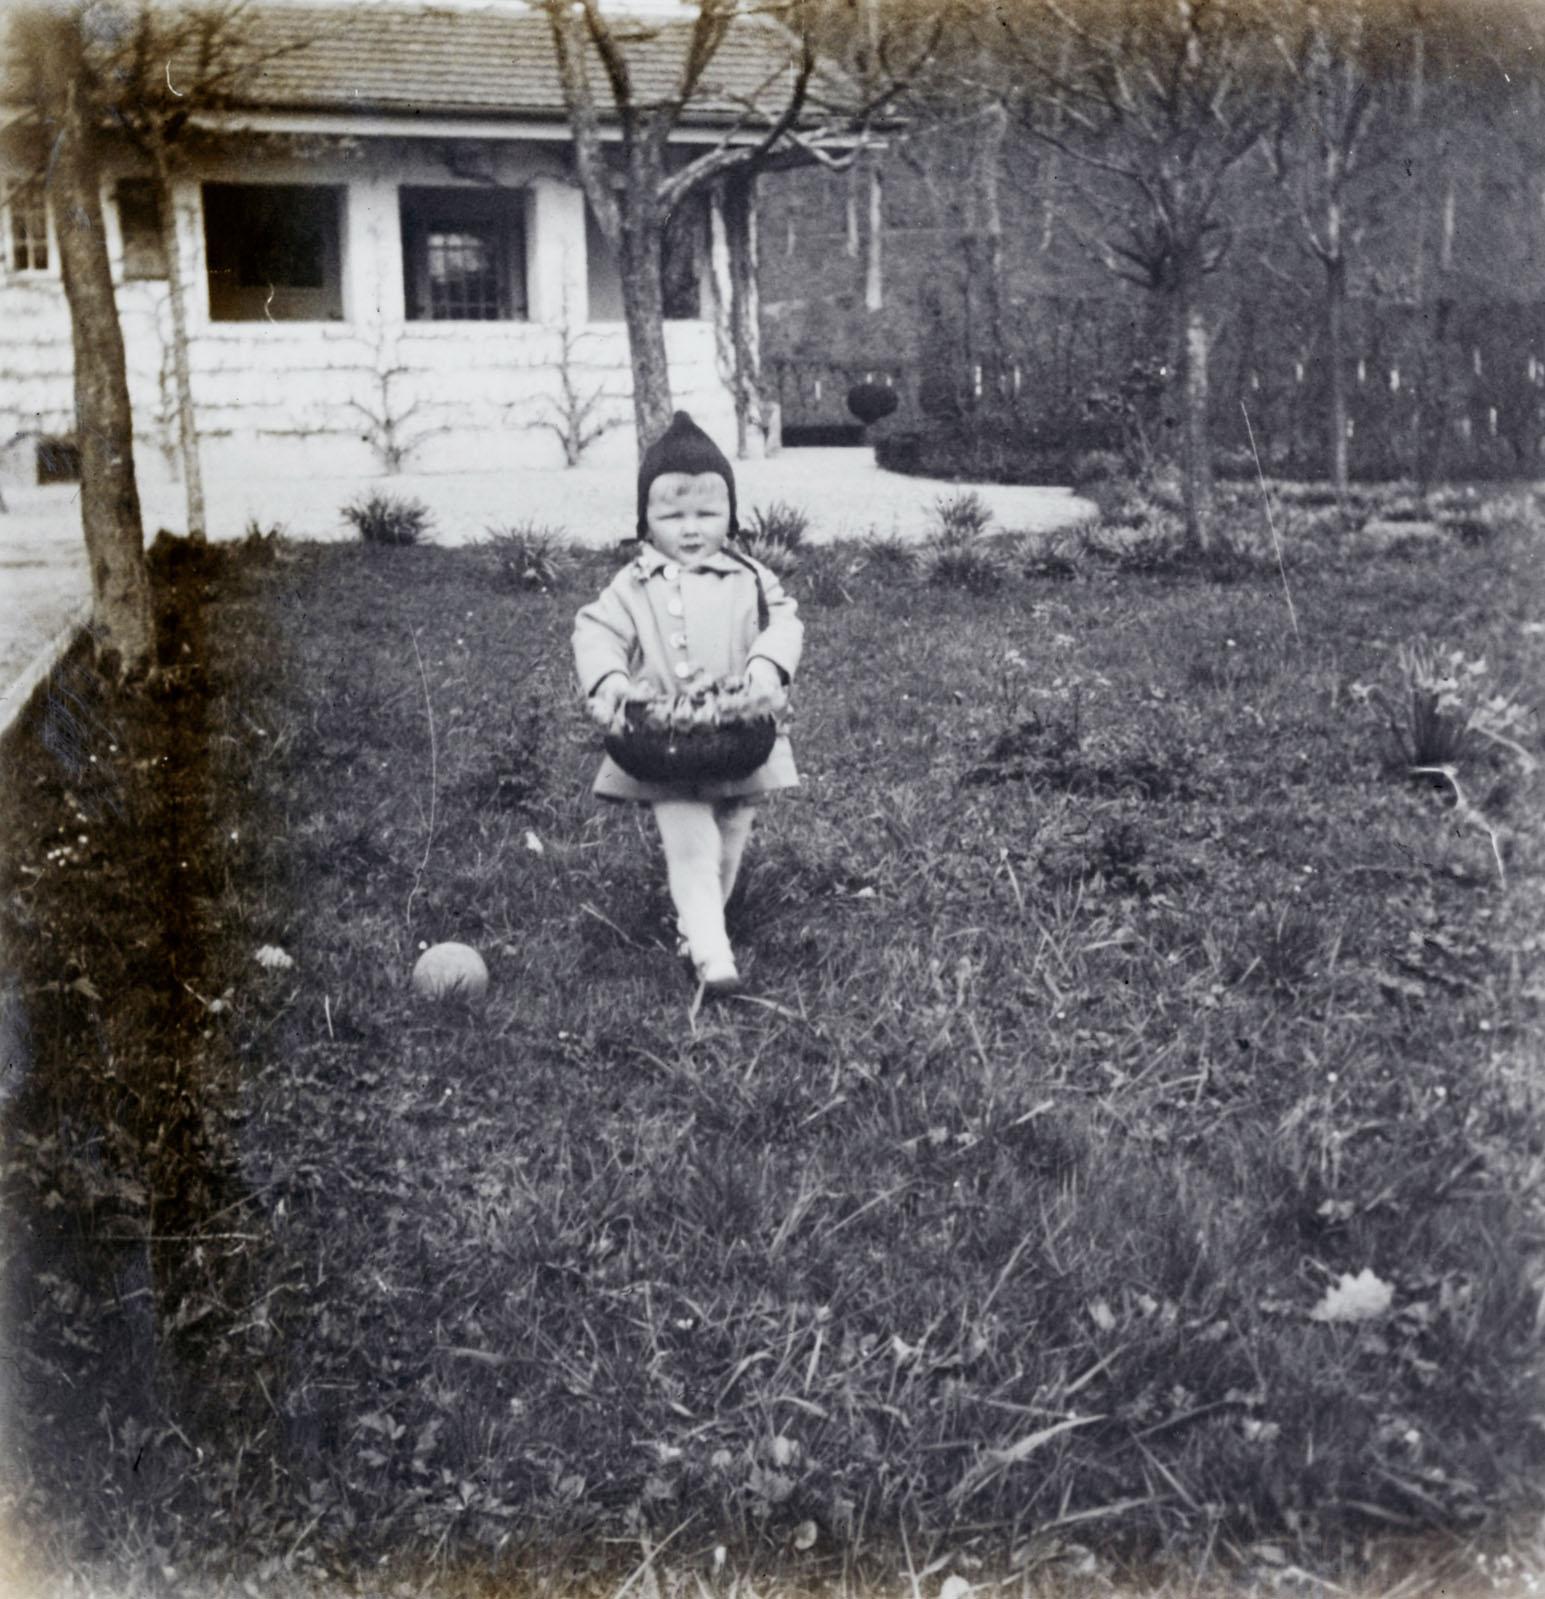 Der kleine Peter Thalmann (Enkel von Cuno Amiet) trägt stolz sein Osternest durch den Garten, 1928